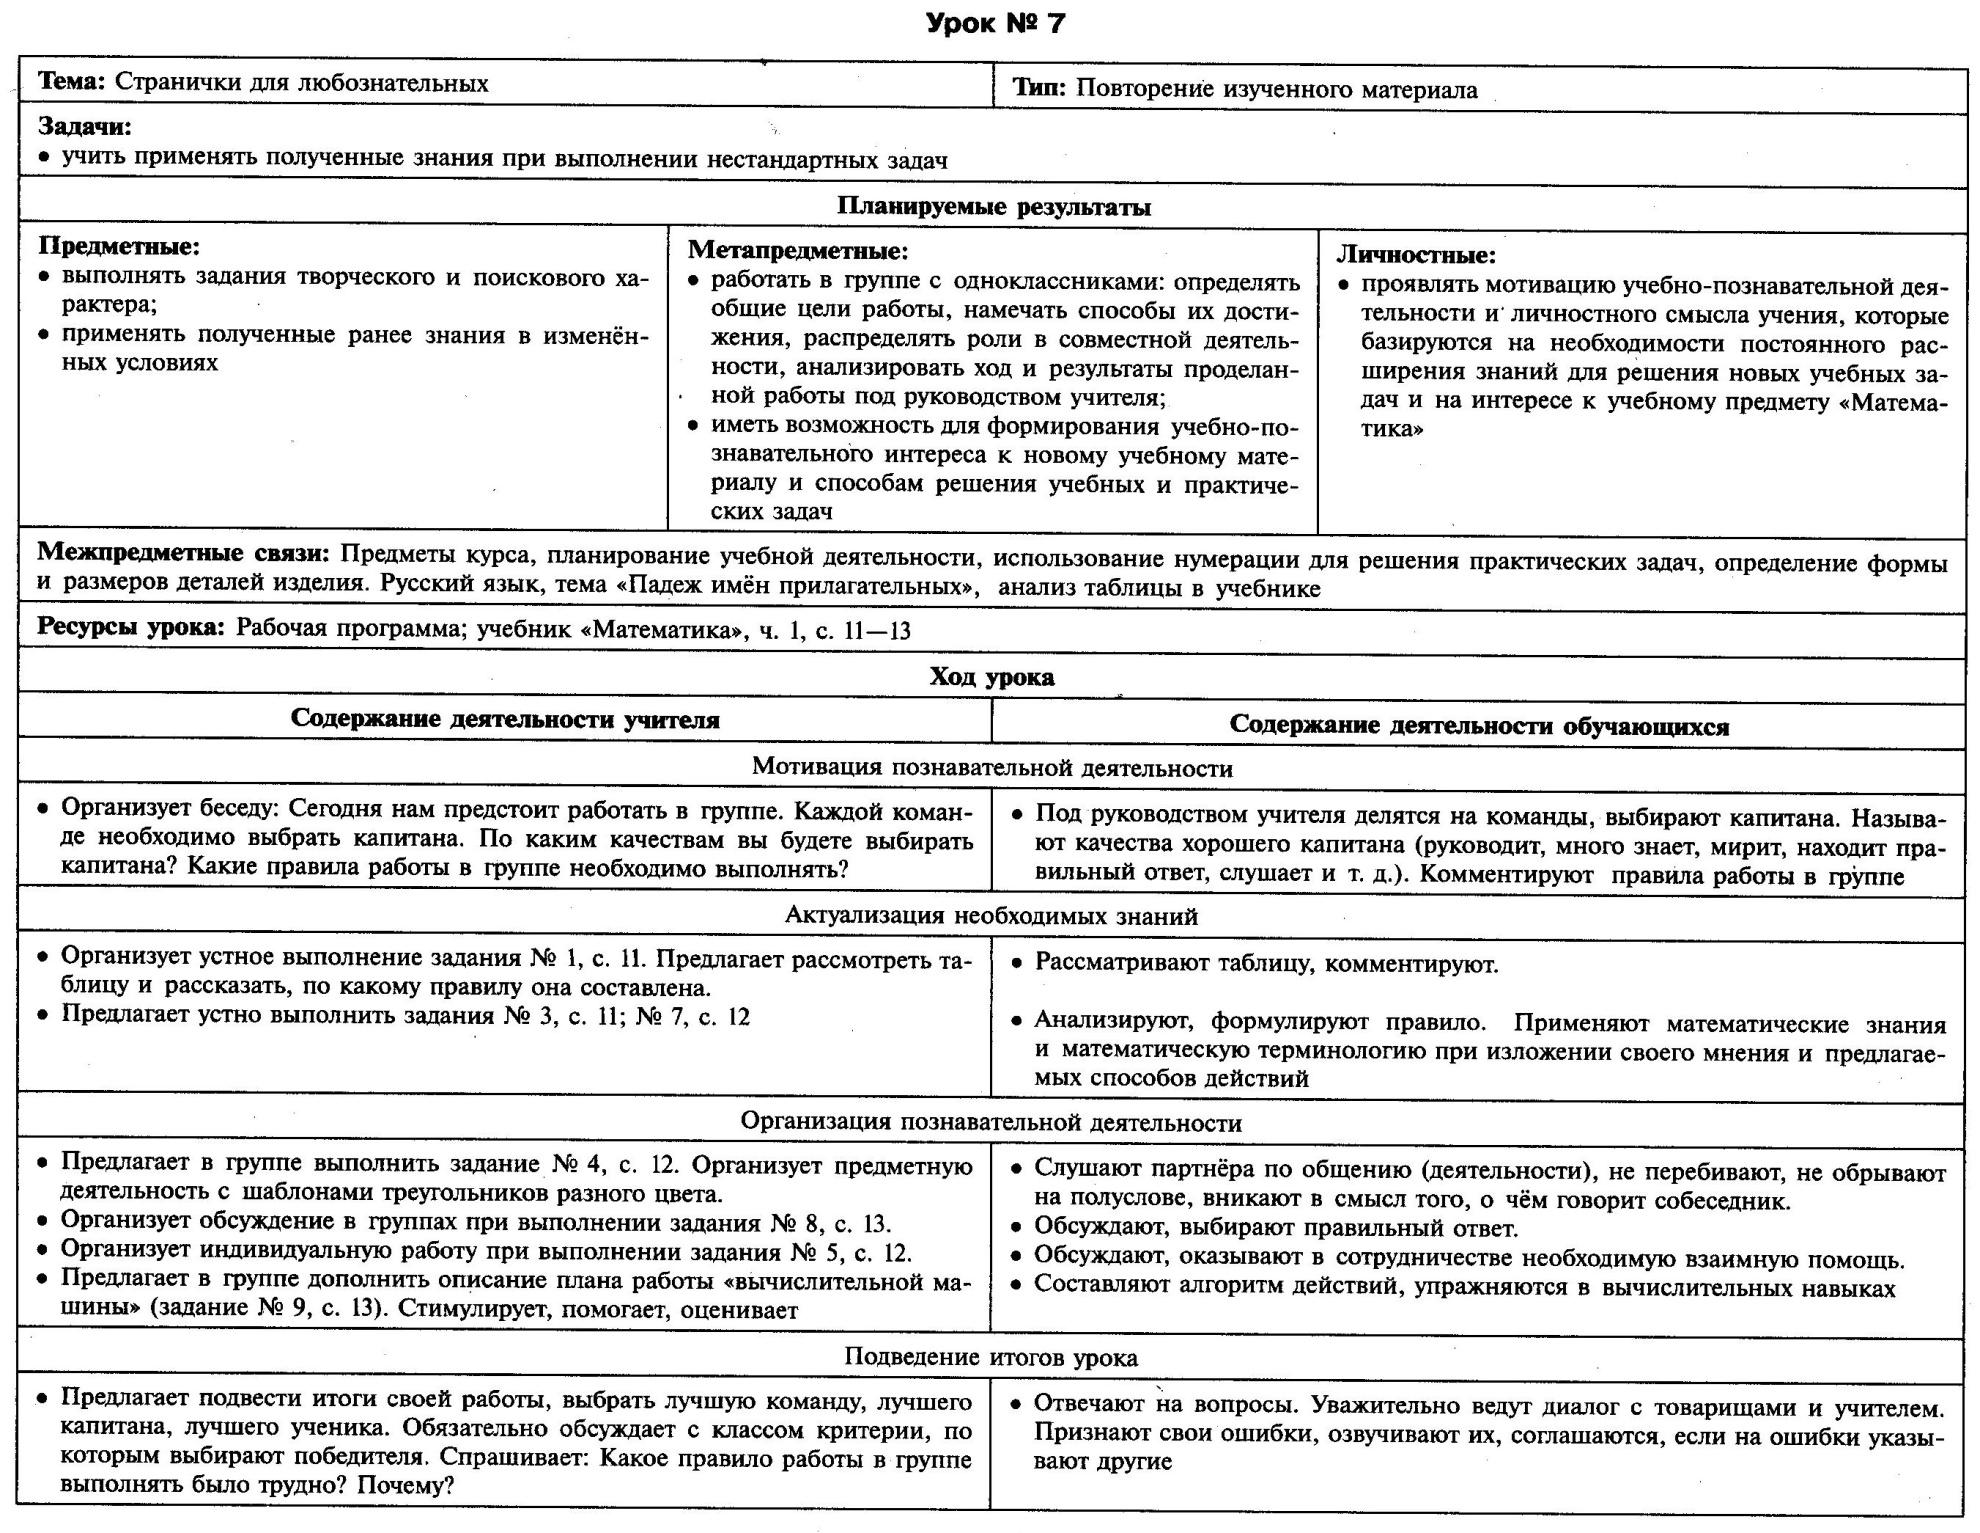 C:\Documents and Settings\Admin\Мои документы\Мои рисунки\1256.jpg